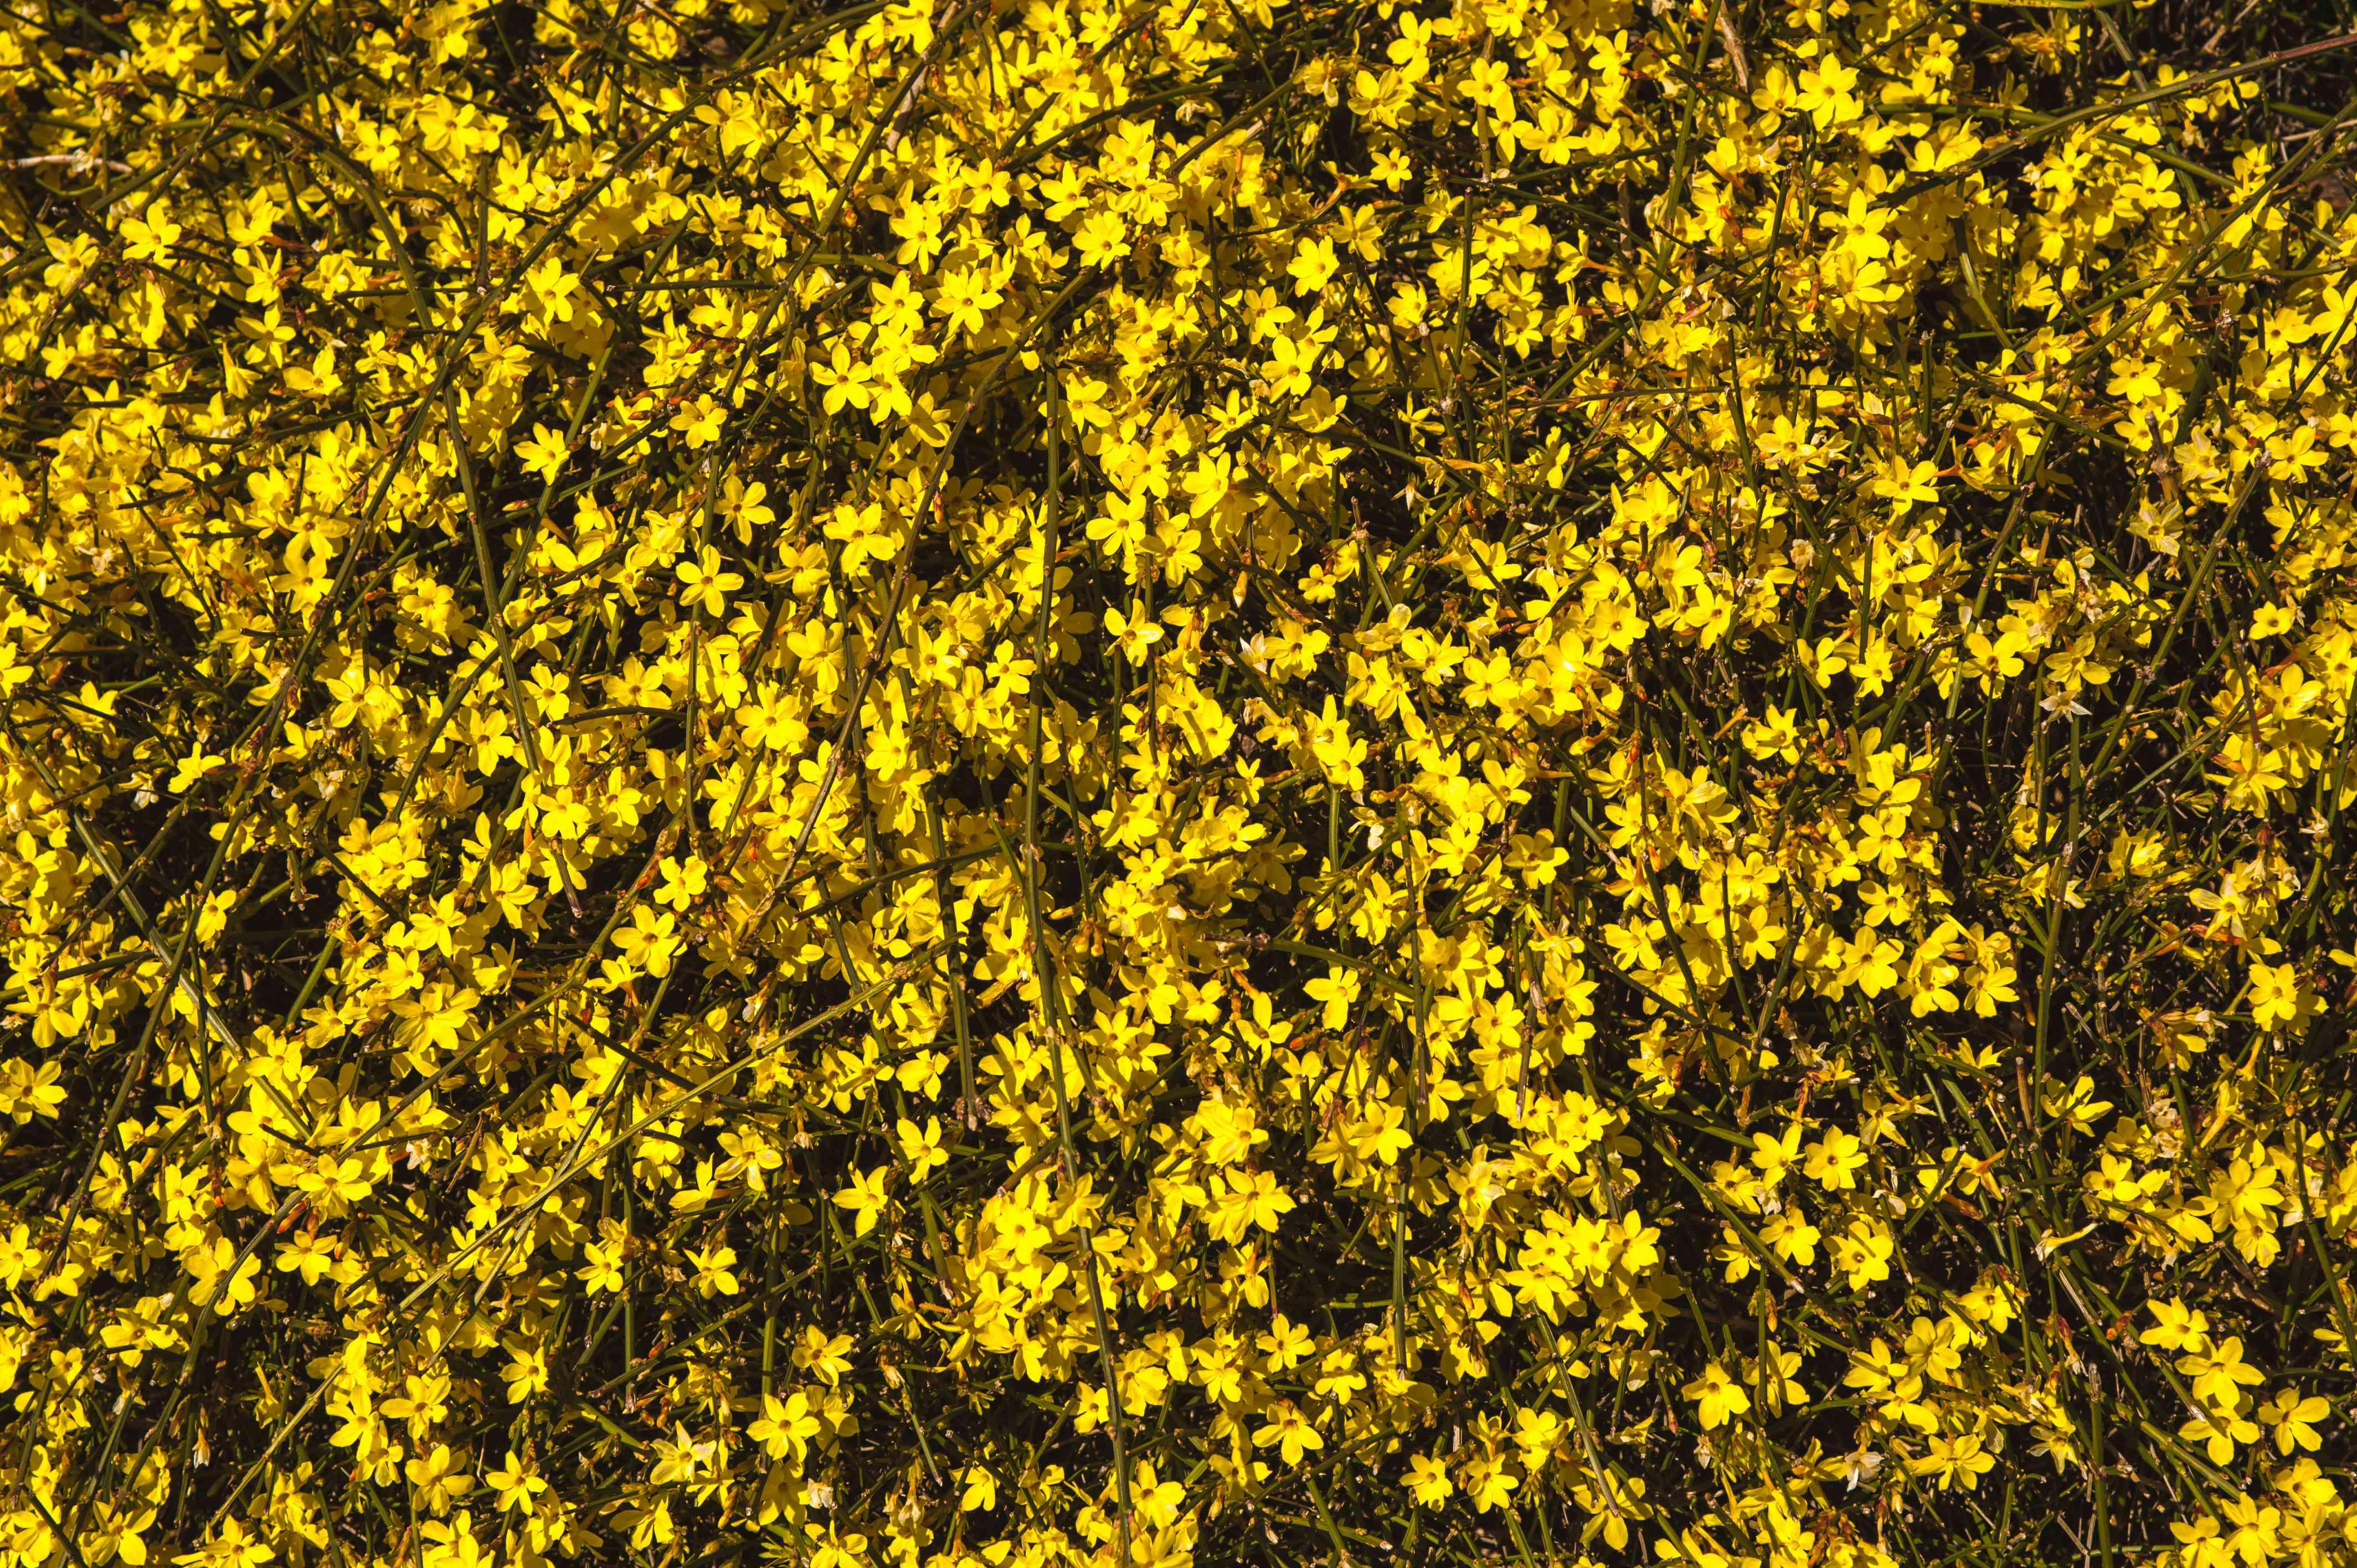 Winter jasmine vines full of yellow flowers